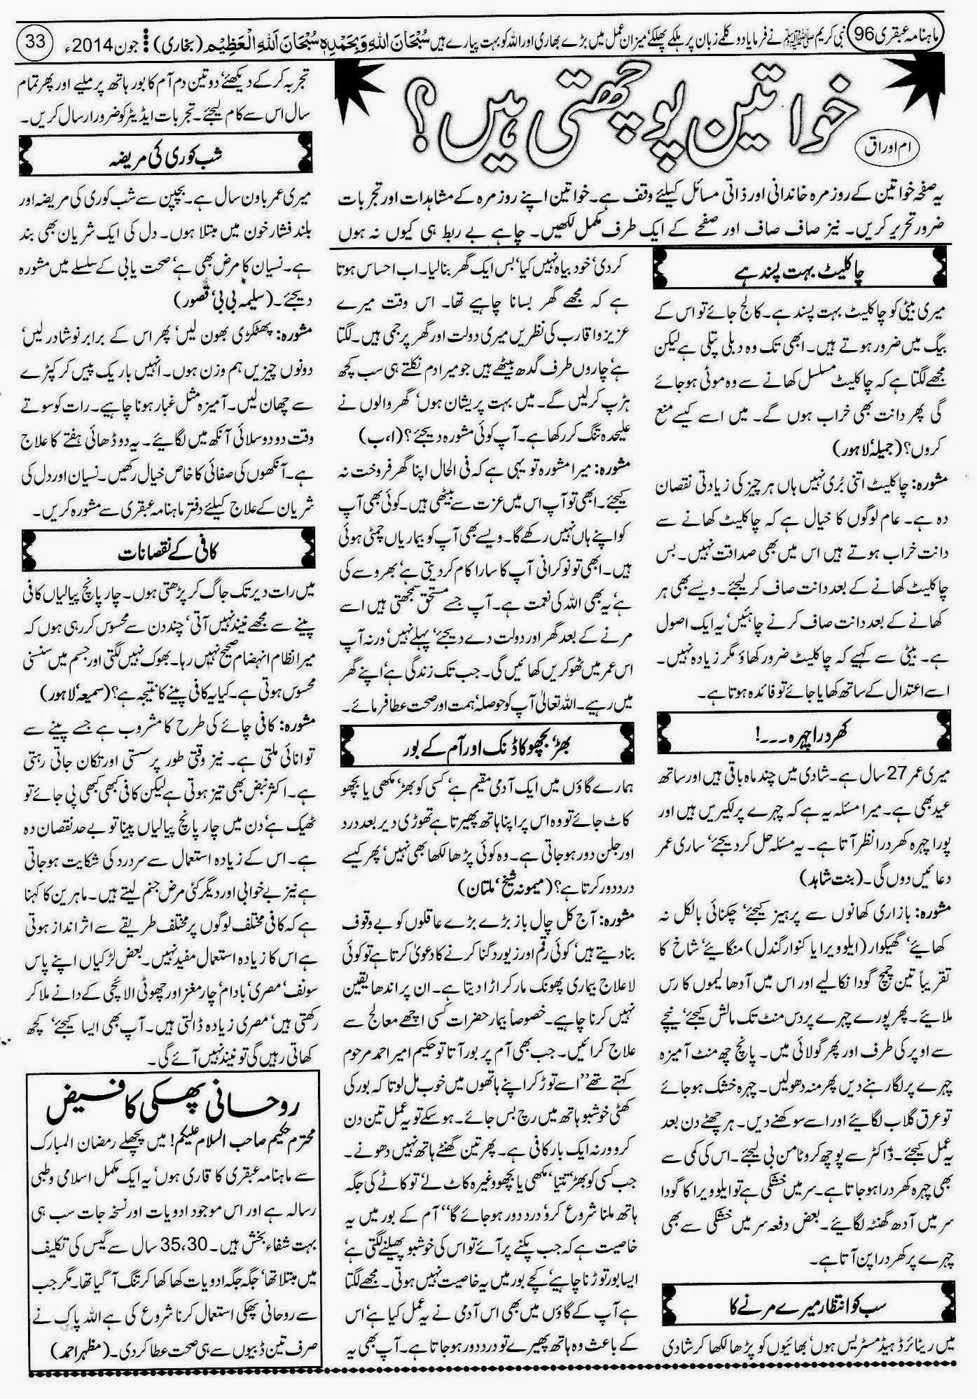 ubqari june 2014 page 33